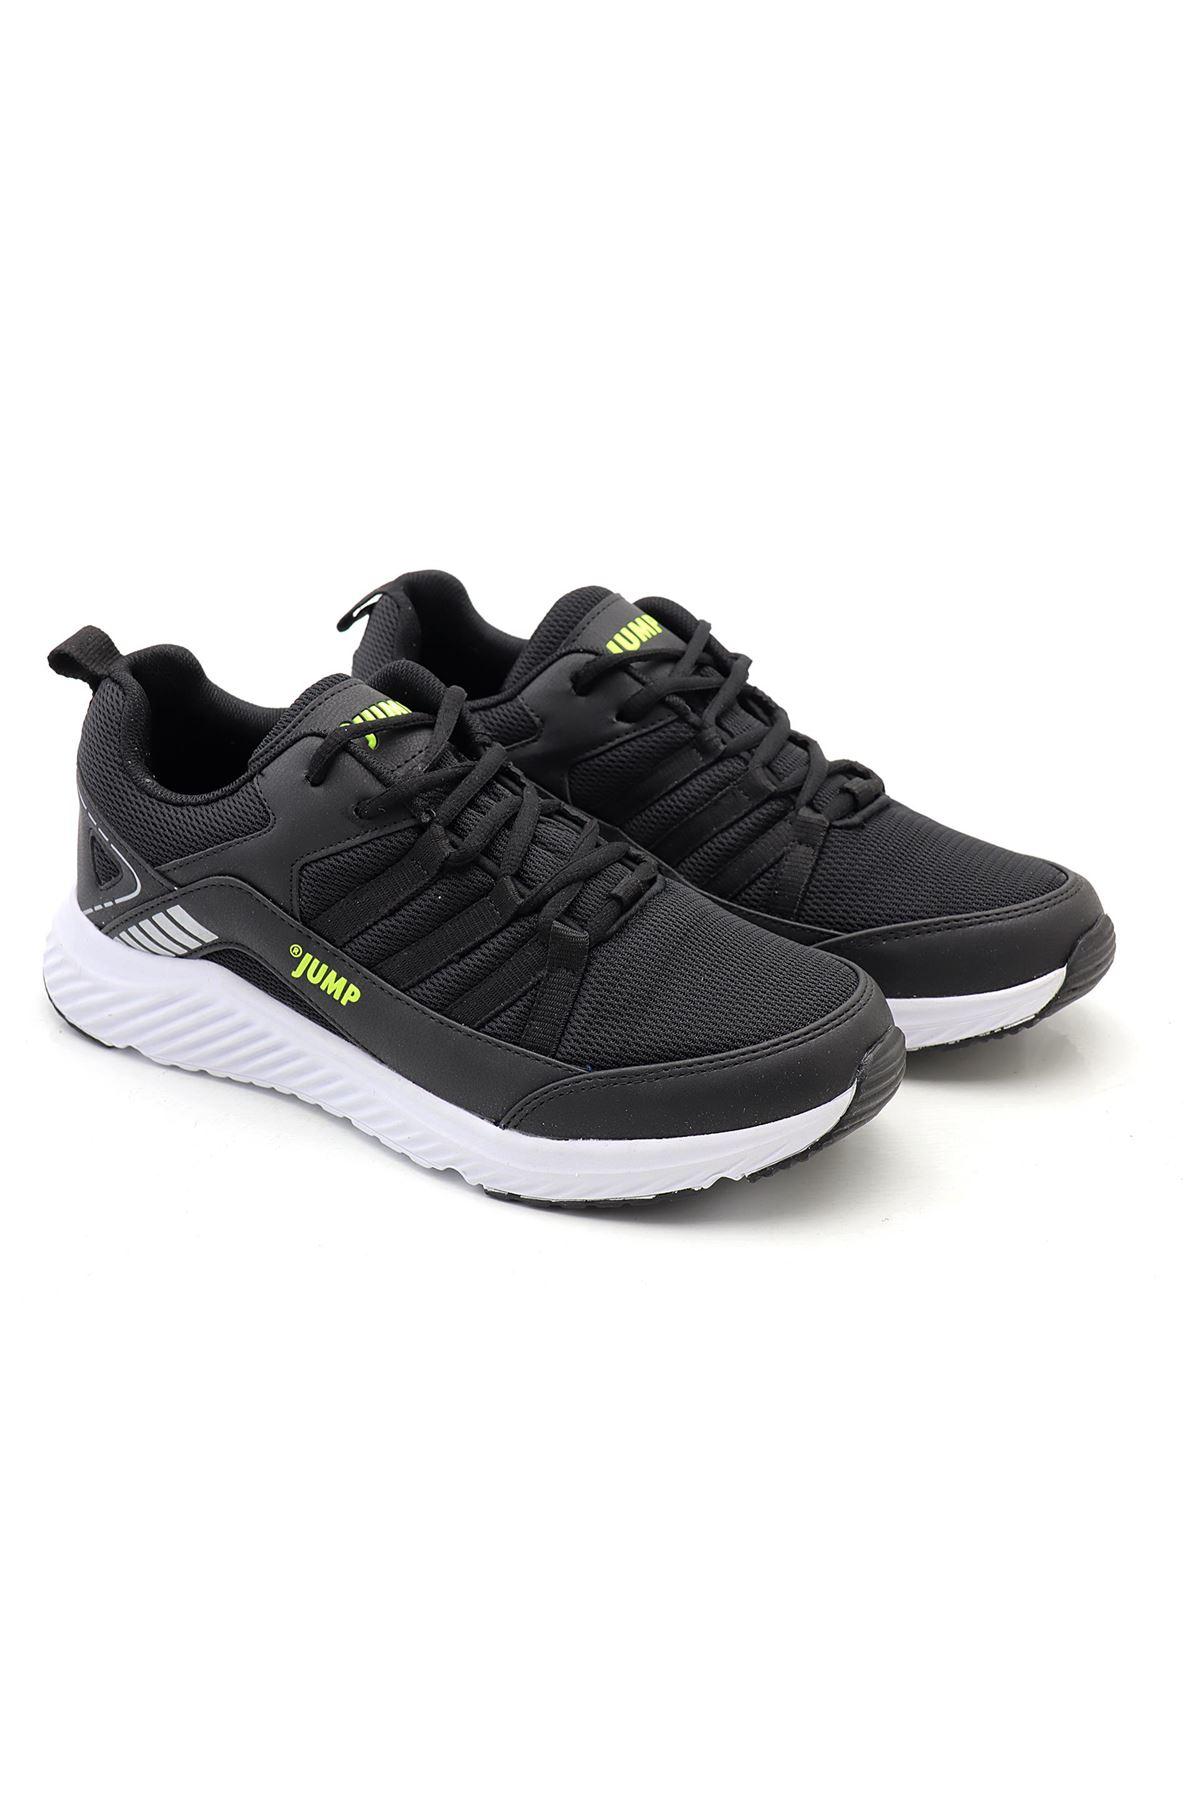 Jump 304115 Comfort Koşu Yürüyüş Erkek Ayakkabı